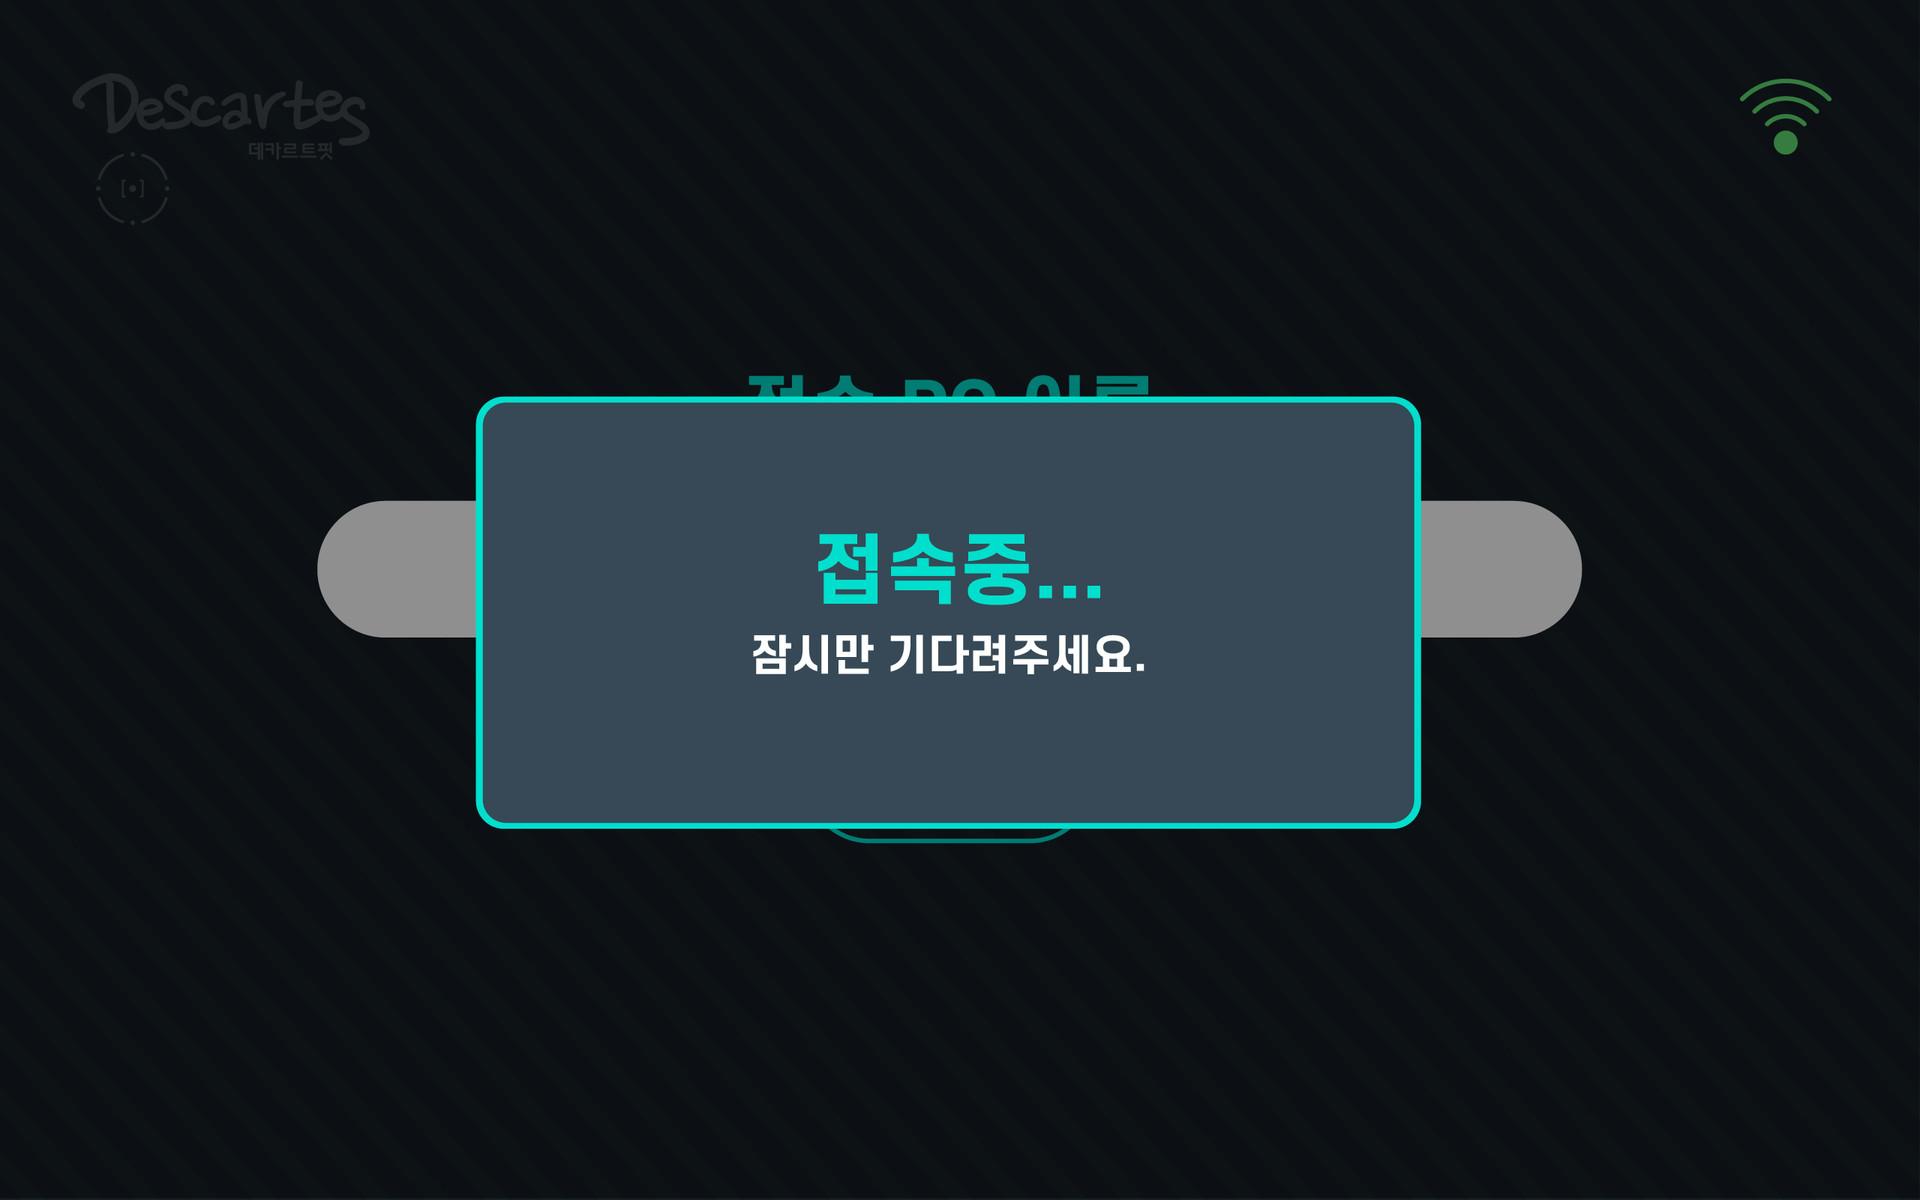 03_main_connect.jpg